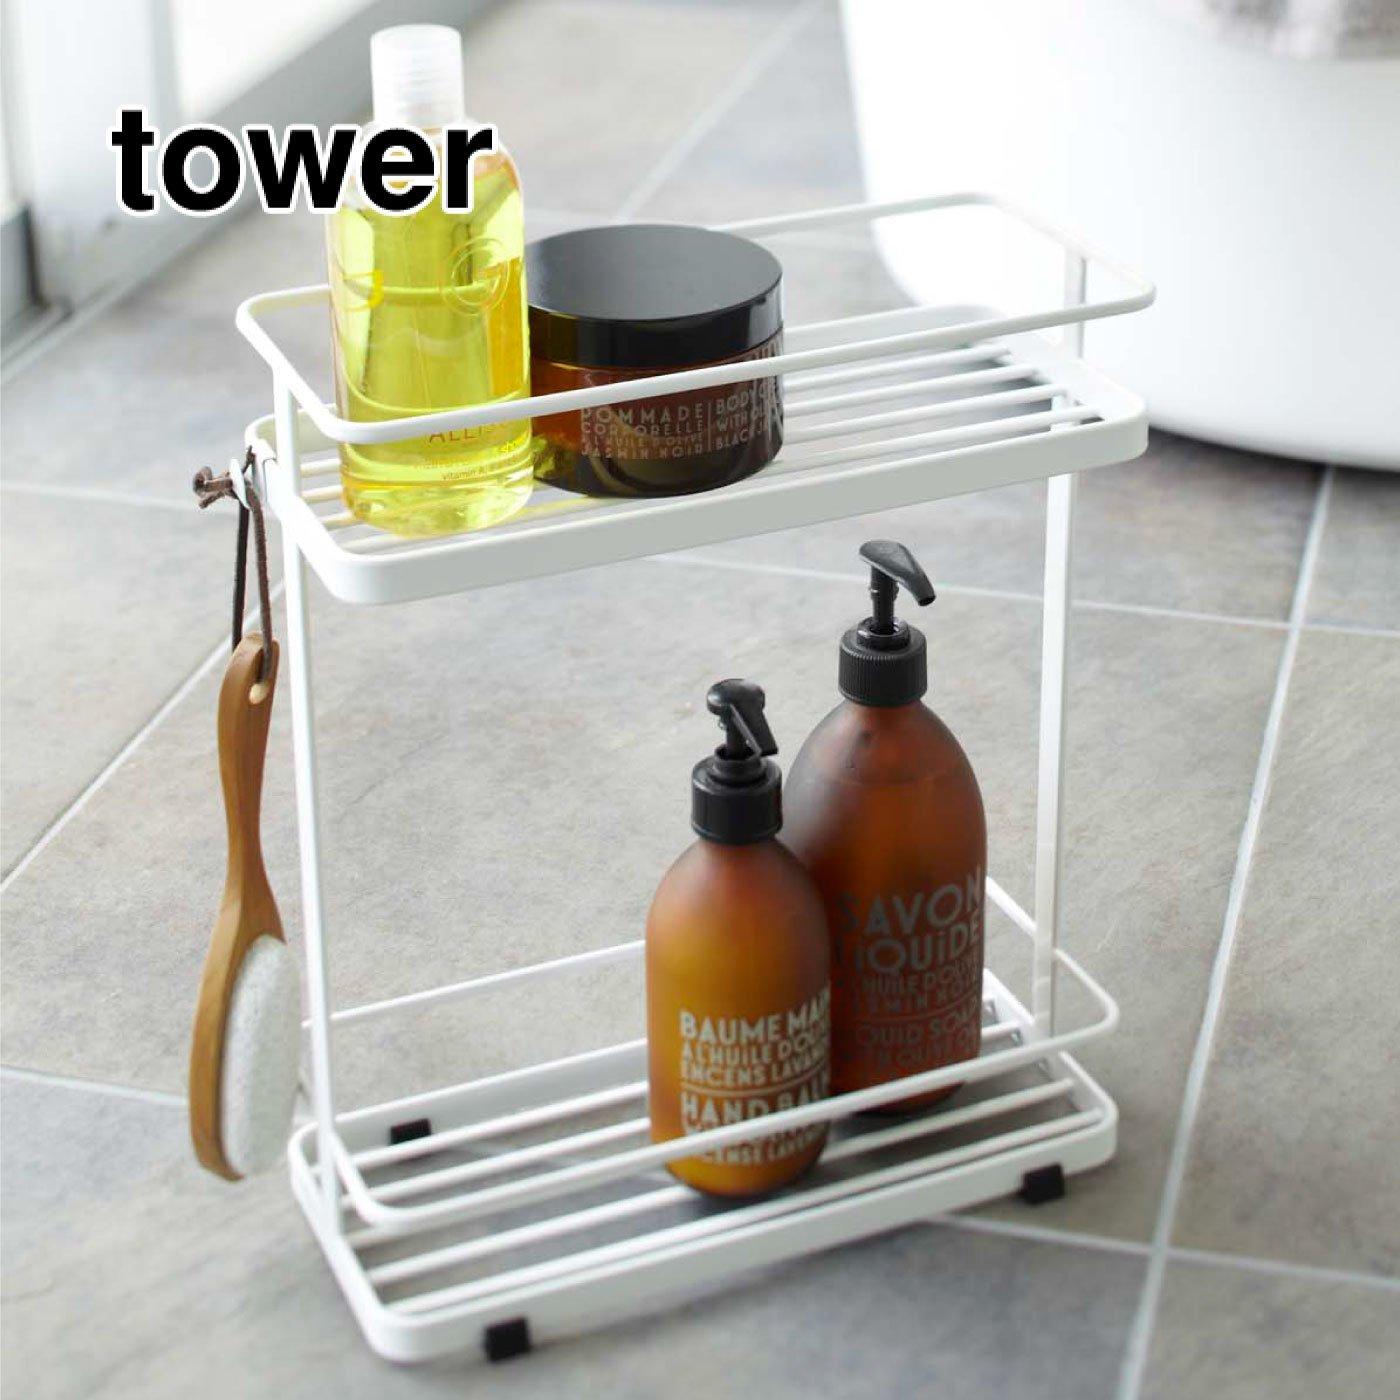 tower 増えても大丈夫 バスルームすっきりディスペンサースタンド